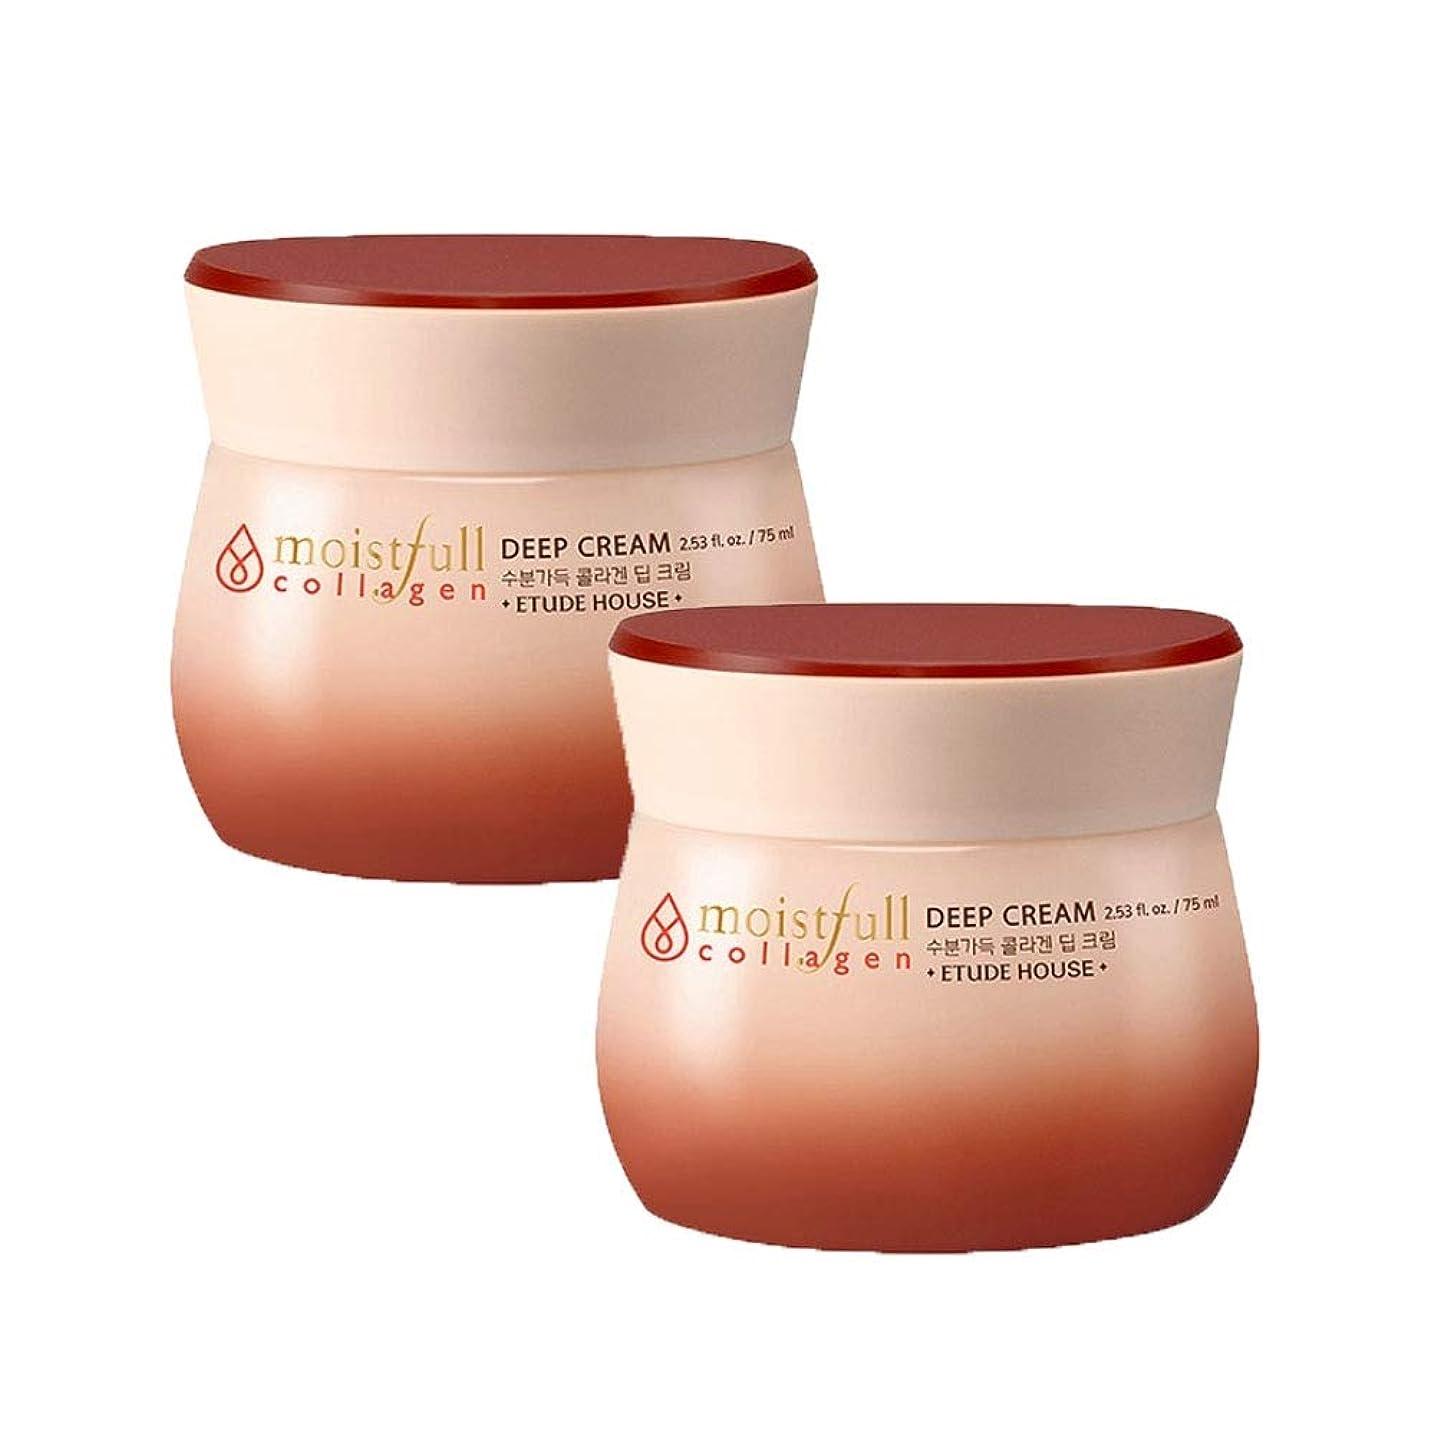 ジャーナル現代ハイライトエチュードハウス水分いっぱいコラーゲンディープクリーム 75mlx2本セット韓国コスメ、Etude House Moistfull Collagen Deep Cream 75ml x 2ea Set Korean Cosmetics [並行輸入品]